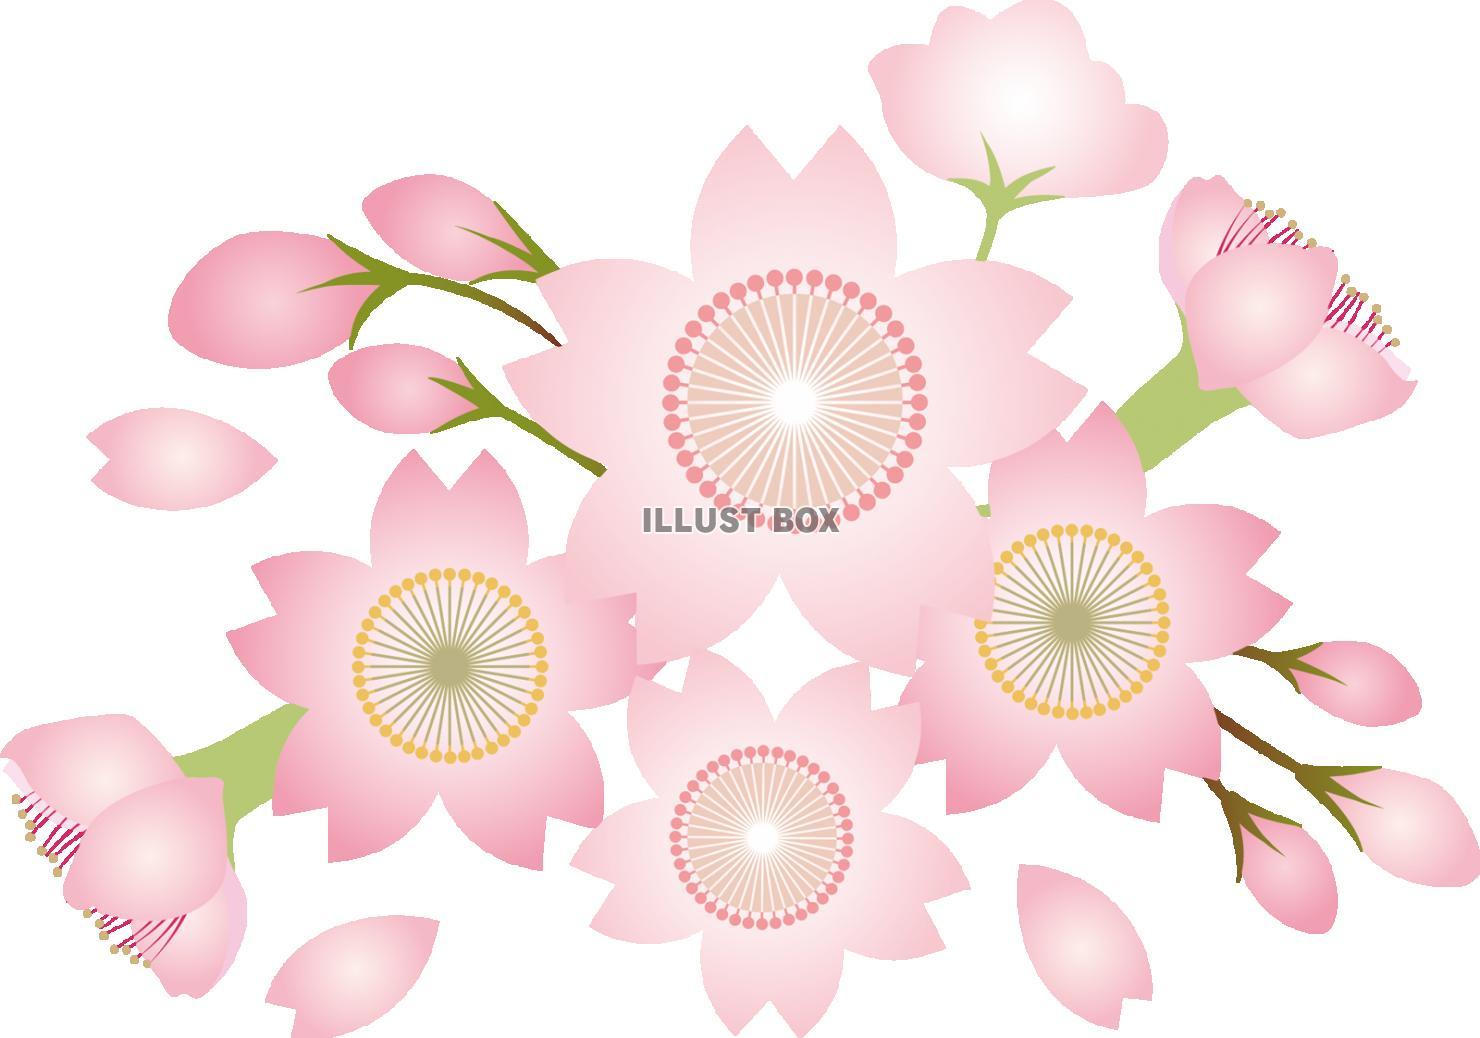 可爱い ひな祭り 春の花 和風 イラスト 背景 Wwwthetupiancom